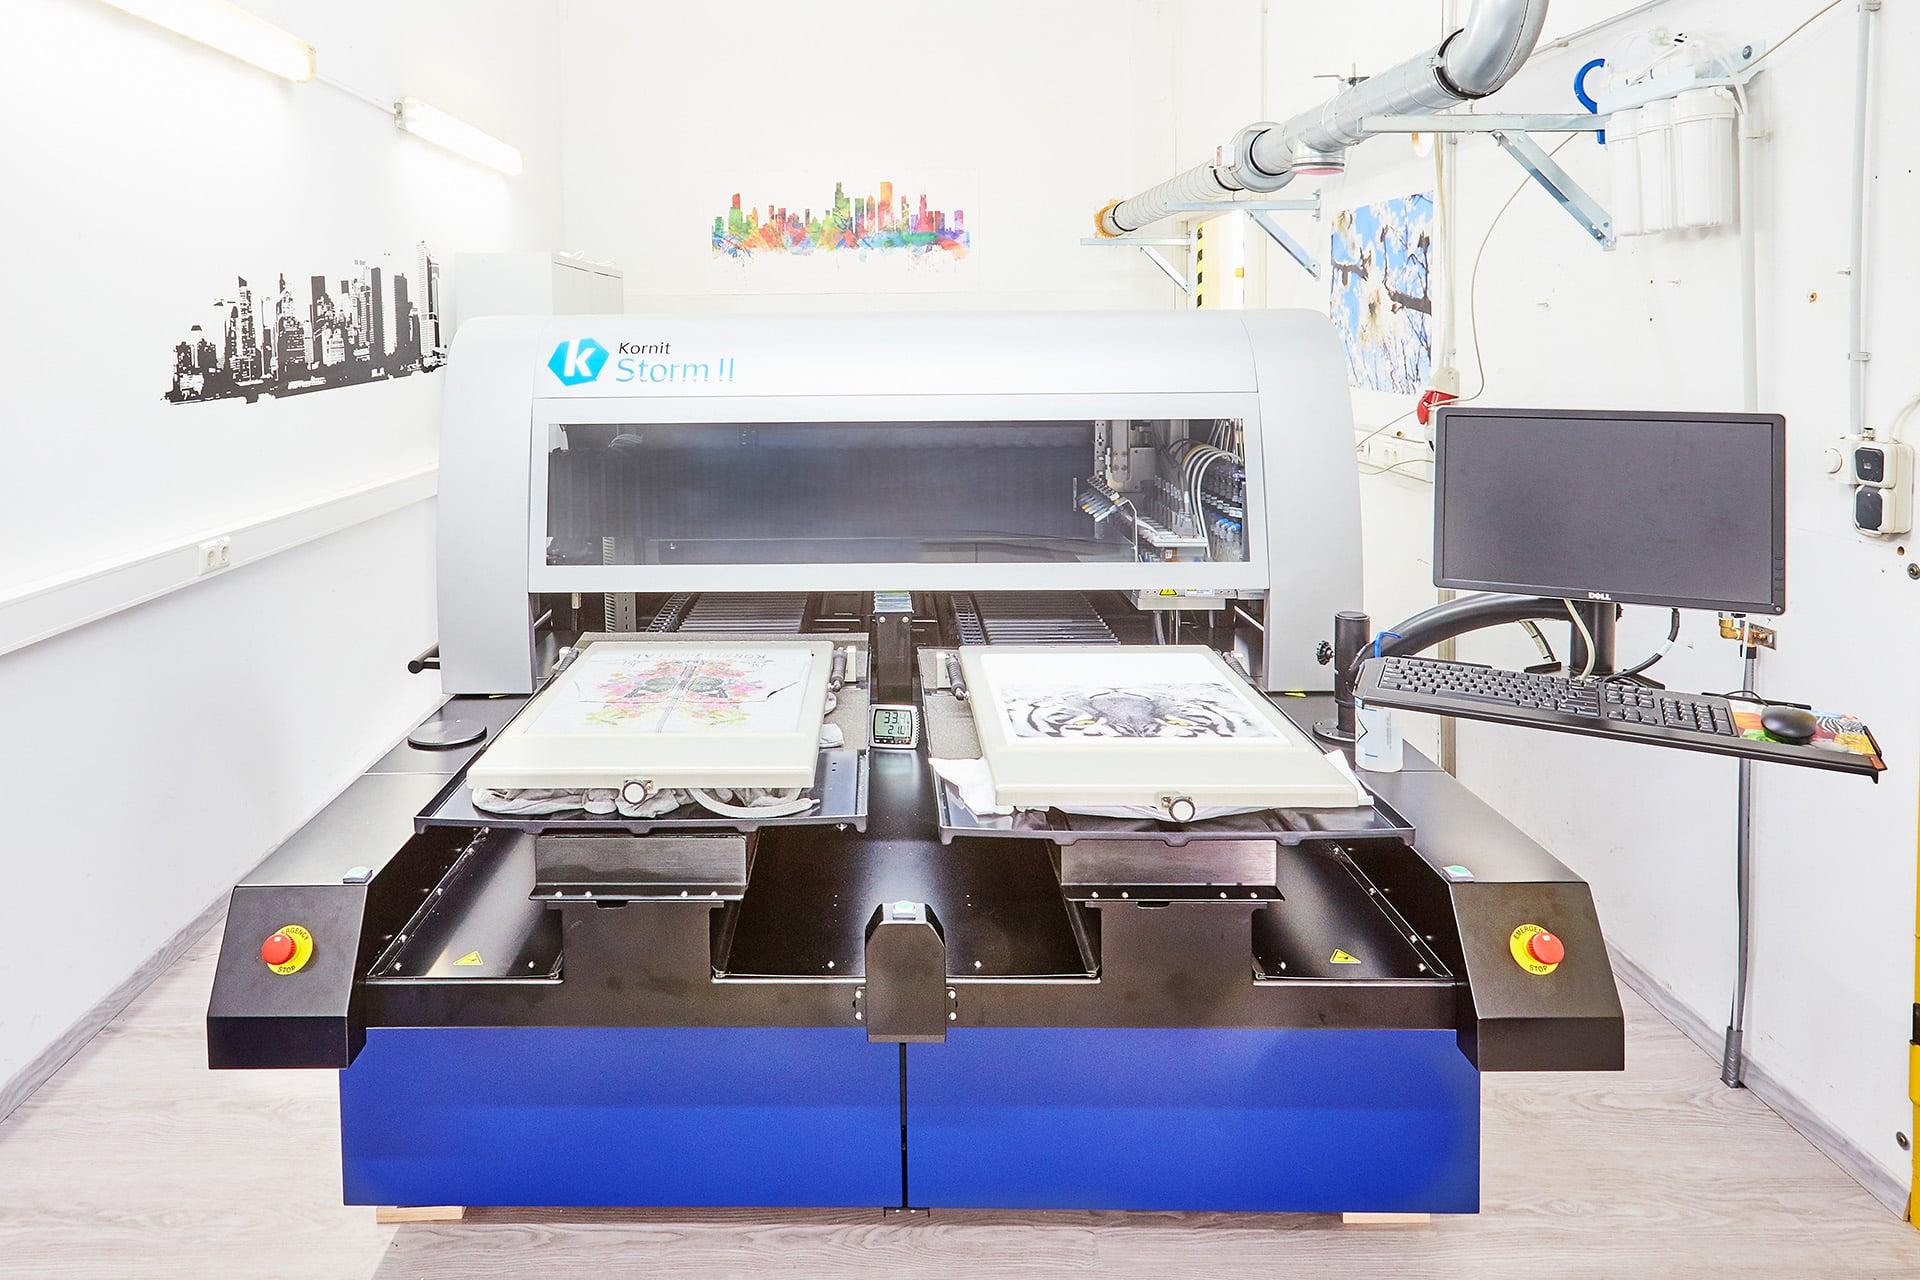 Maschine aus der on Demand Produktion